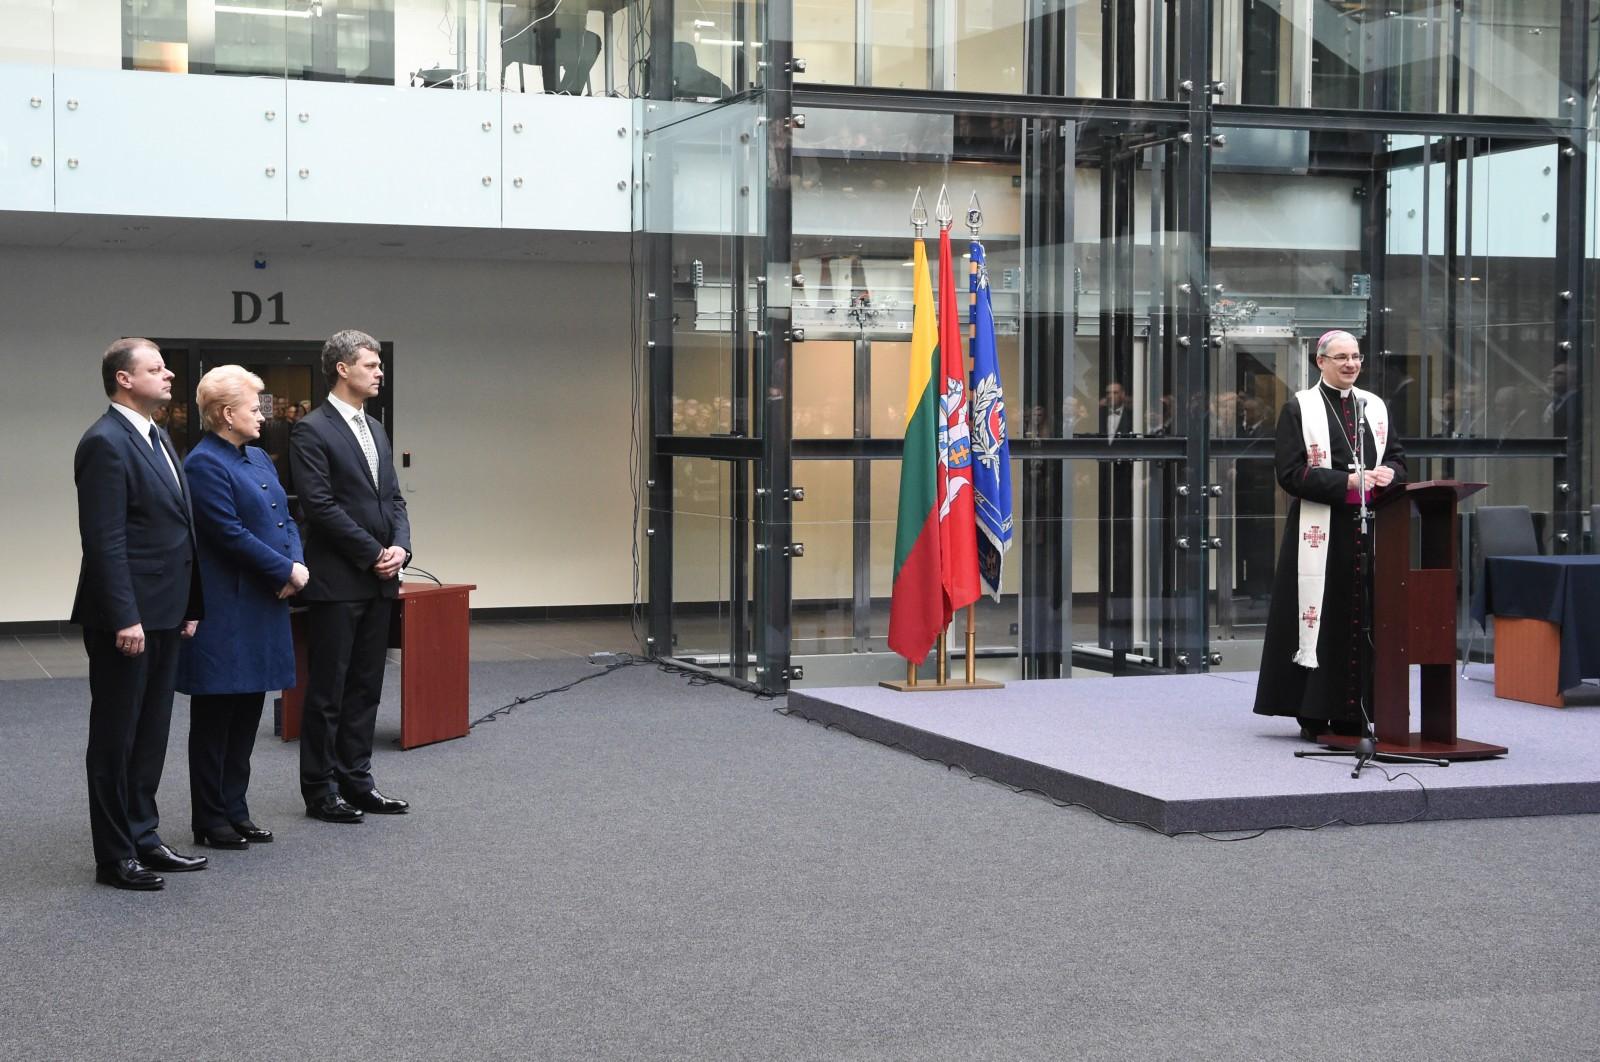 Nors naująjį VSD pastatą premjeras Saulius Skvernelis, prezidentė Dalia Grybauskaitė bei VSD vadovas Darius Jauniškisiškilmingai atidarė dar 2017-ųjų kovą, jo statyboms pinigai kapsi iki šiol ir dar ilgai kapsės | I. Sidarevičiaus nuotr.